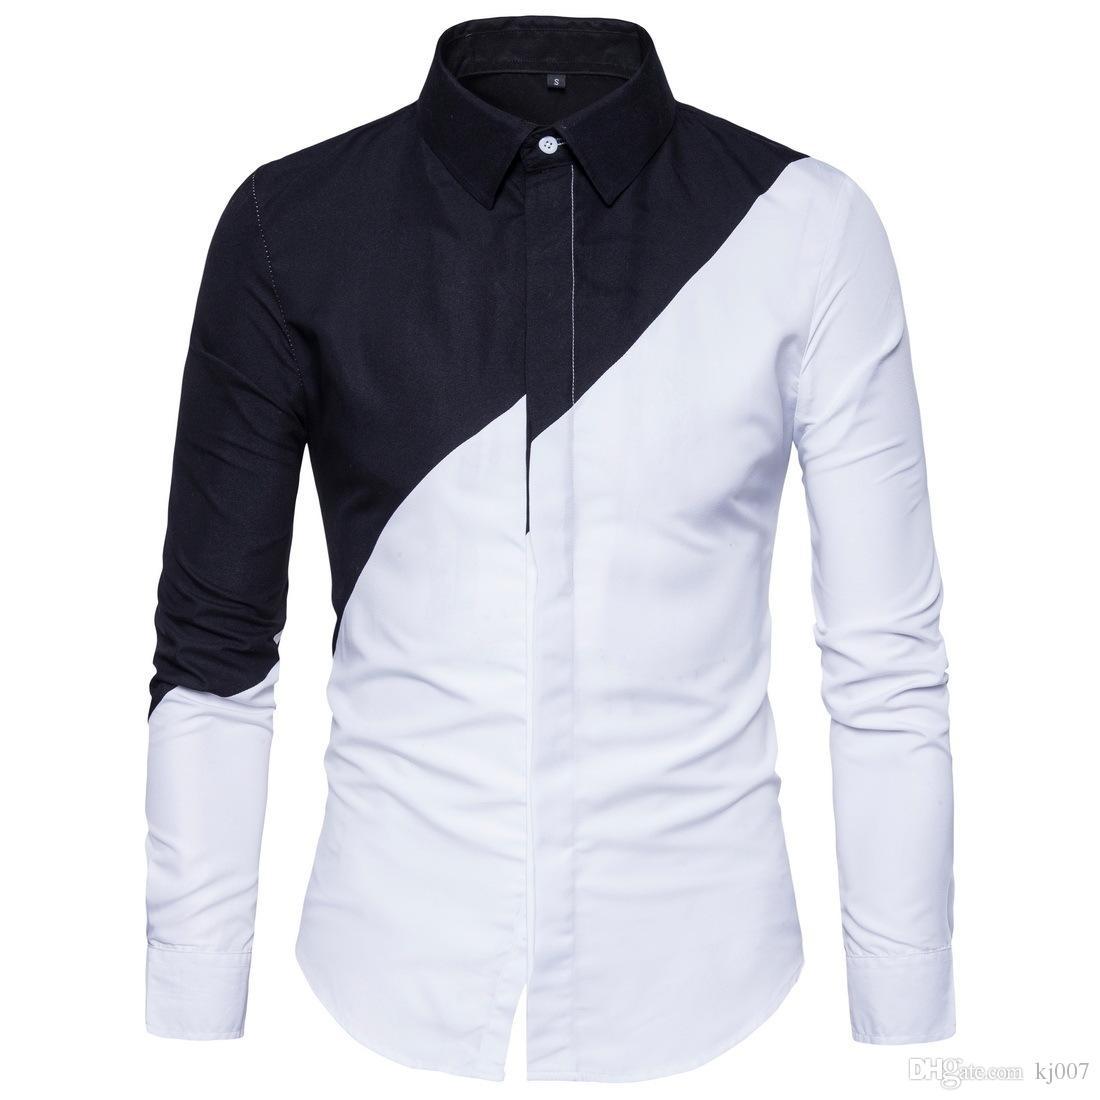 Новый стиль горячая рубашка лето мужская черный и белый повседневная рубашки шить с длинными рукавами рубашки для мужчин контраст цвет Горячий ТОП мода одежда